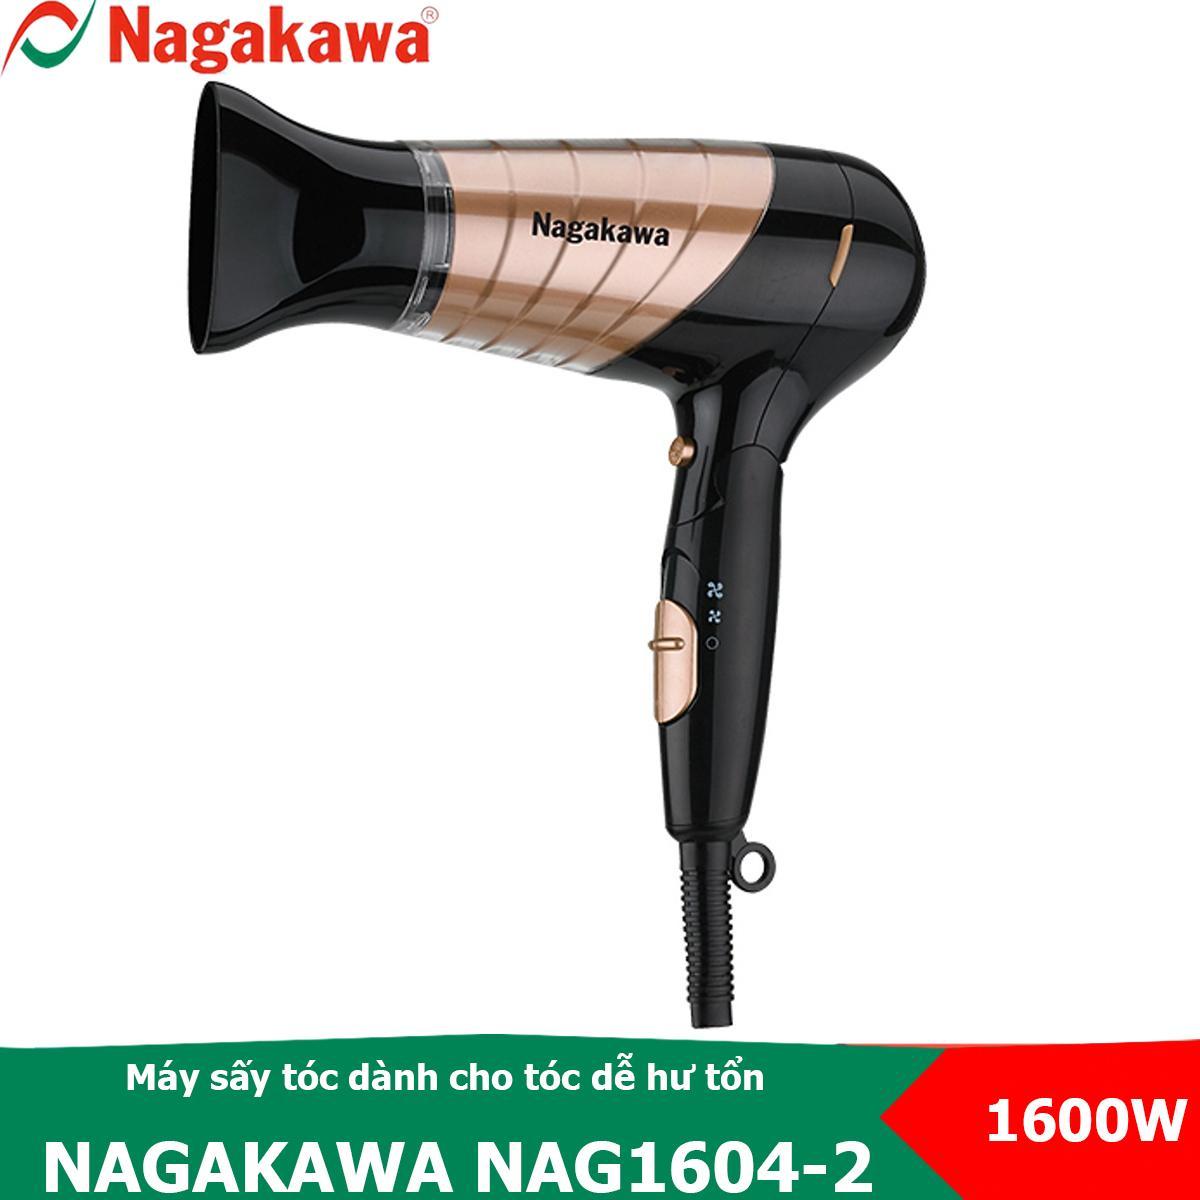 Máy sấy tóc 3 tốc độ, 1600W Nagakawa NAG1604 có chế độ sấy mát dành cho tóc dễ hư tổn (Màu ngẫu nhiên) cao cấp